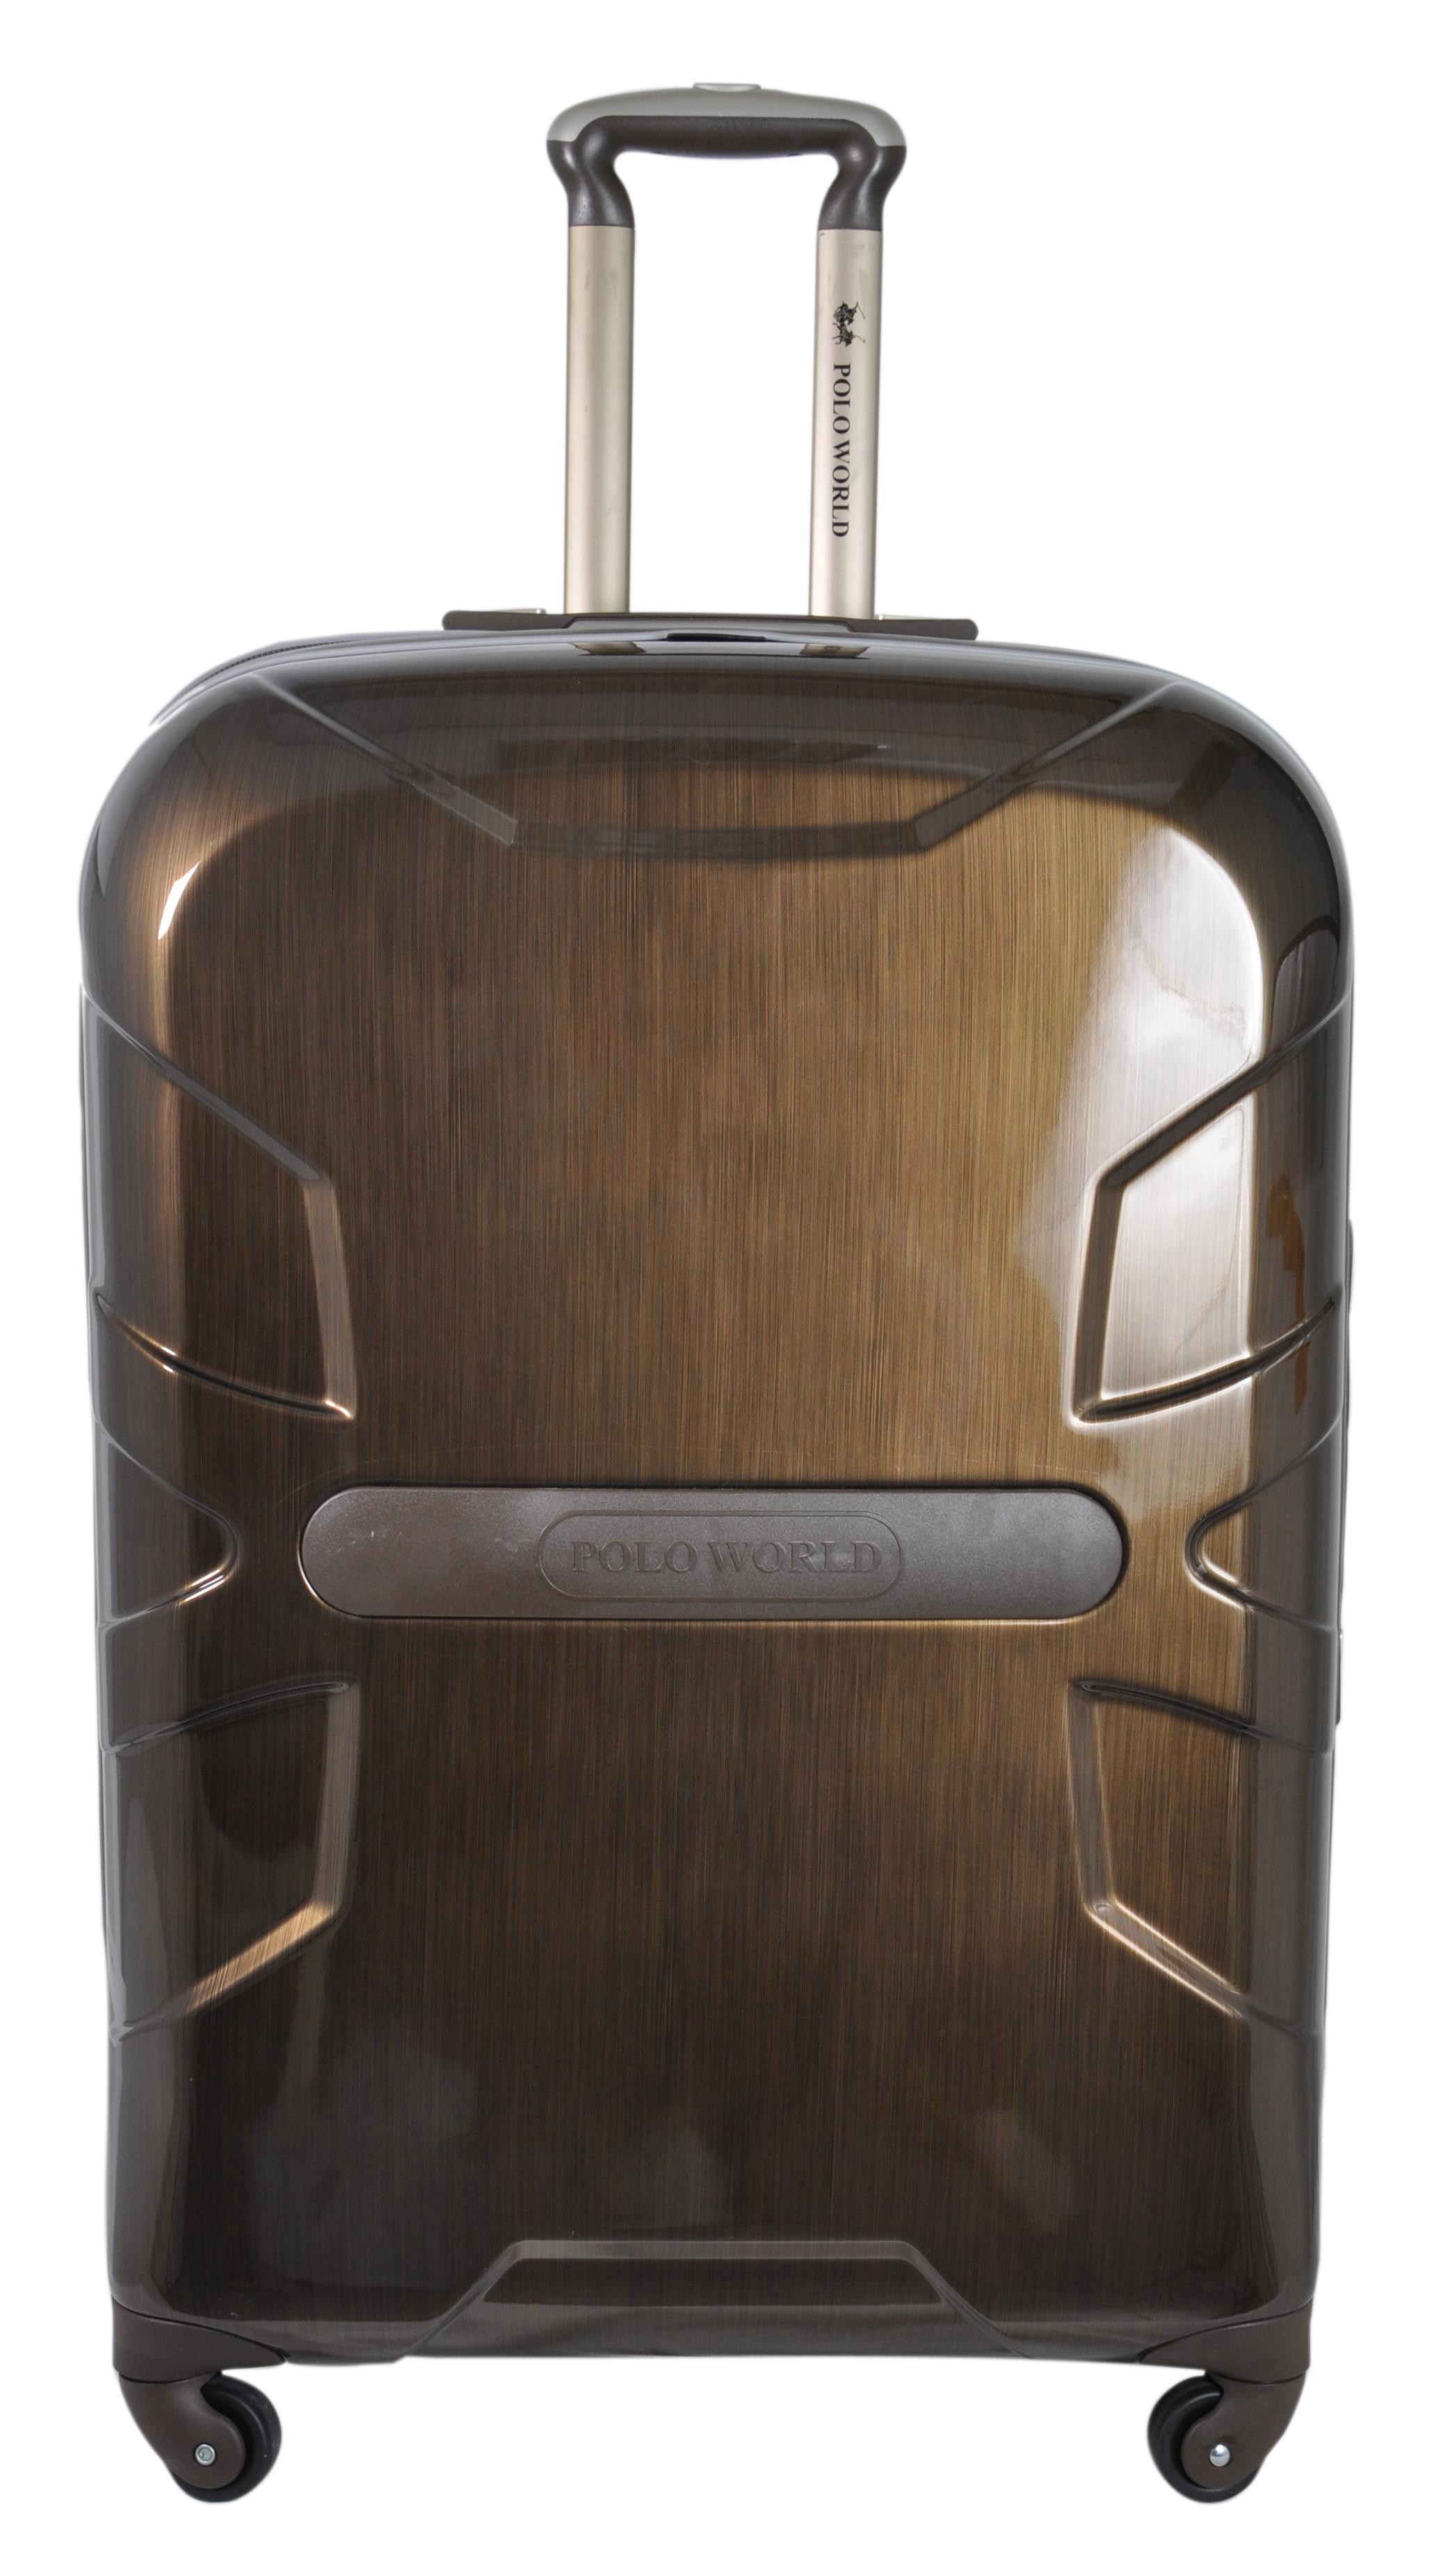 """กระเป๋าเดินทาง Polo World รุ่น PW121-TSA 24"""" (สีน้ำตาลเนื้อด้าน)"""